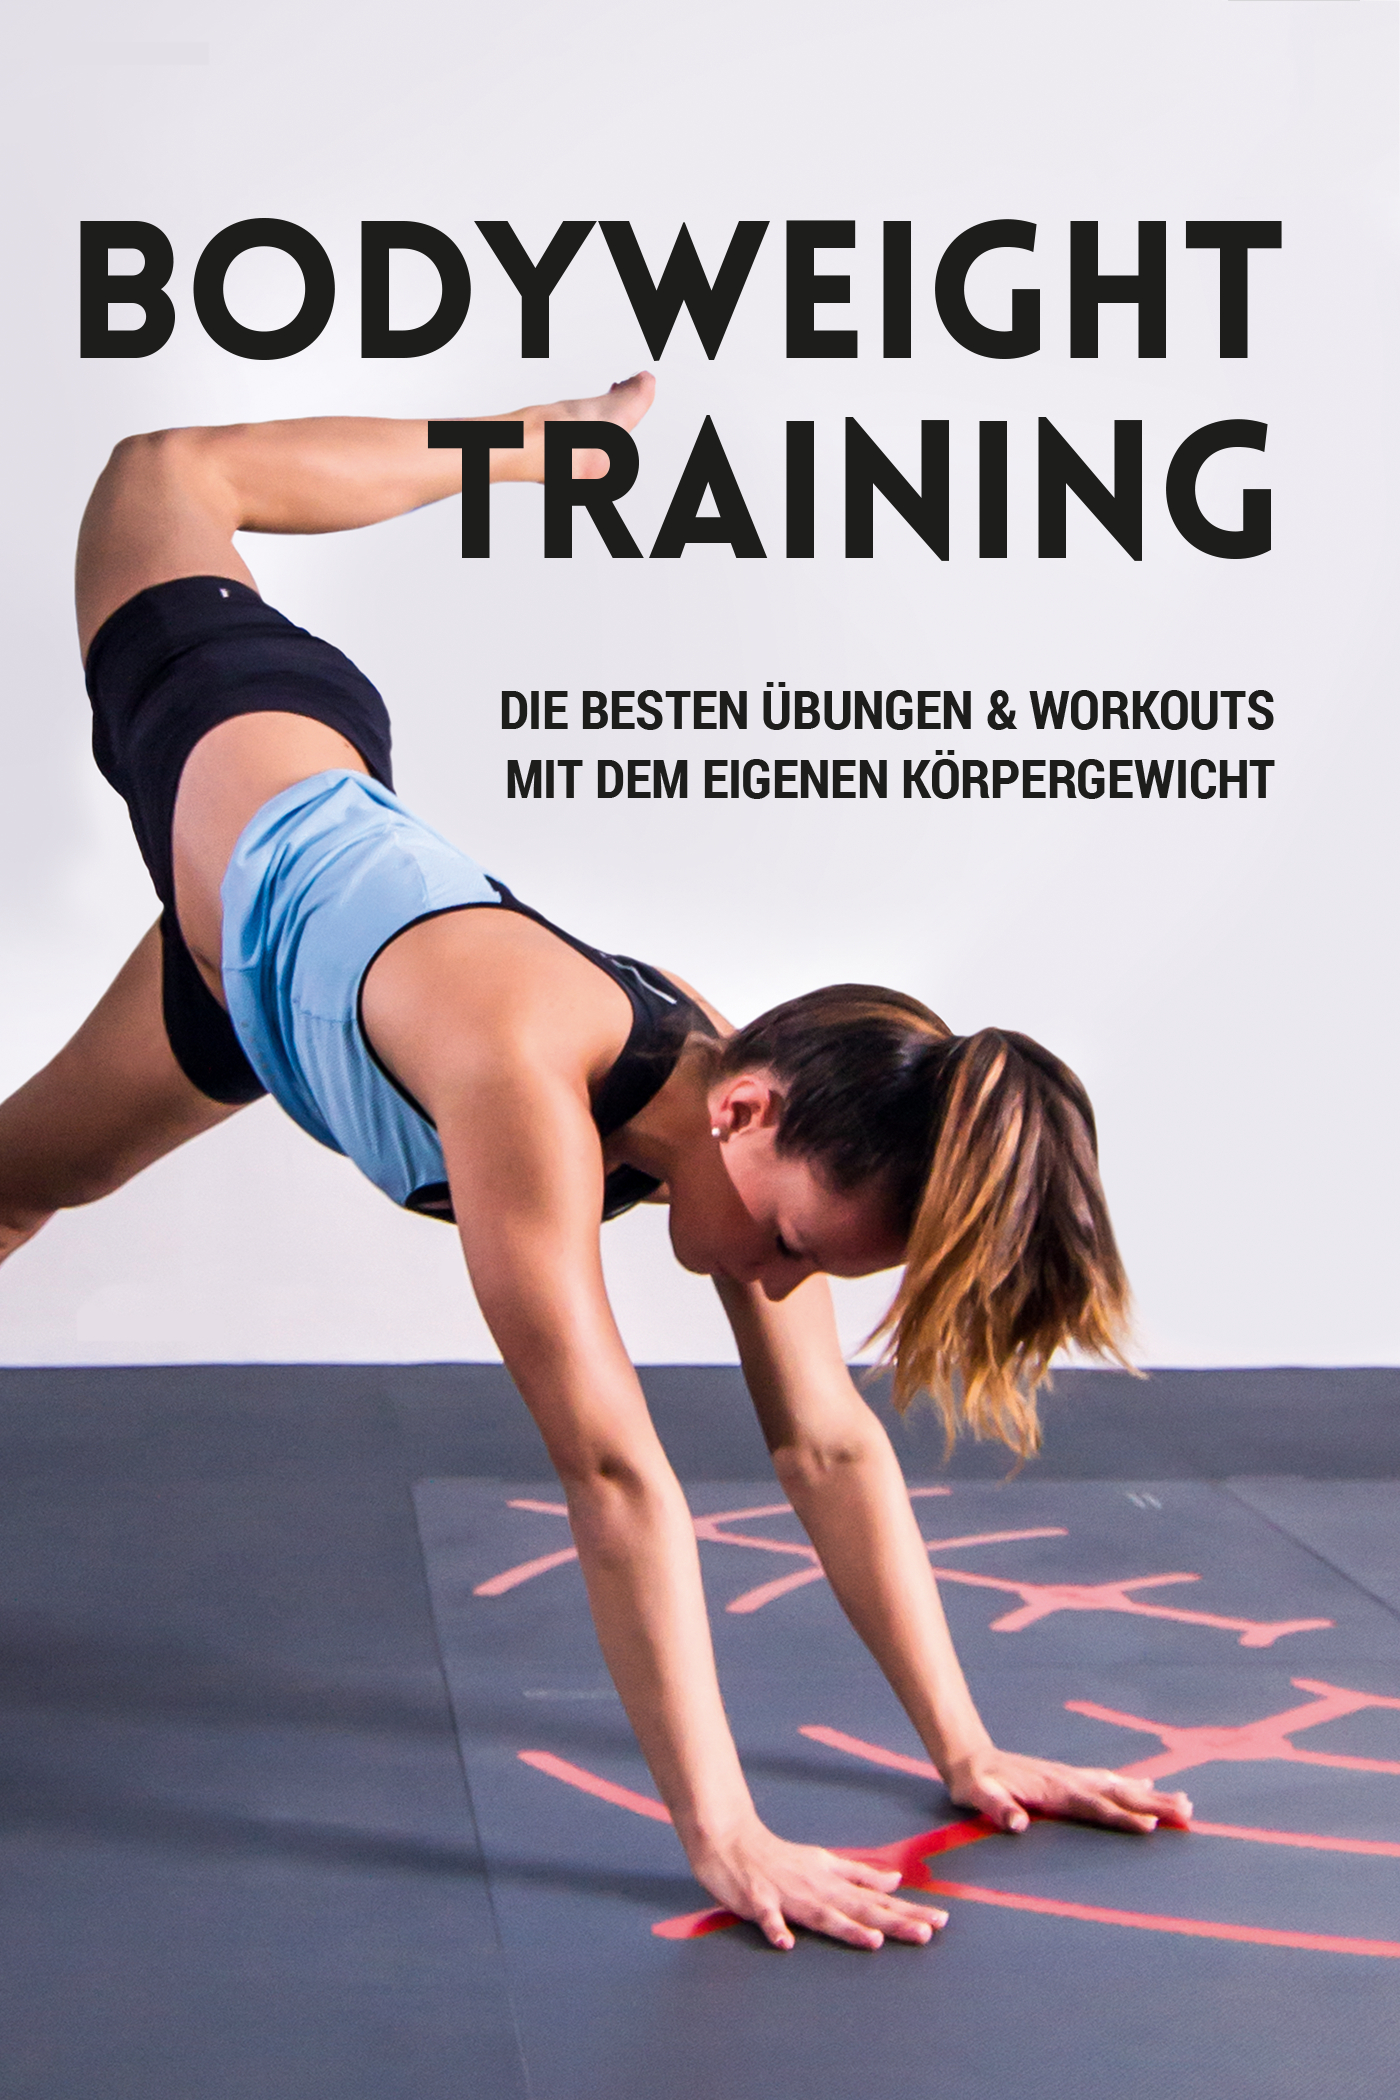 Bodyweight Training | Die besten Übungen & Workouts mit dem eigenen Körpergewicht stream